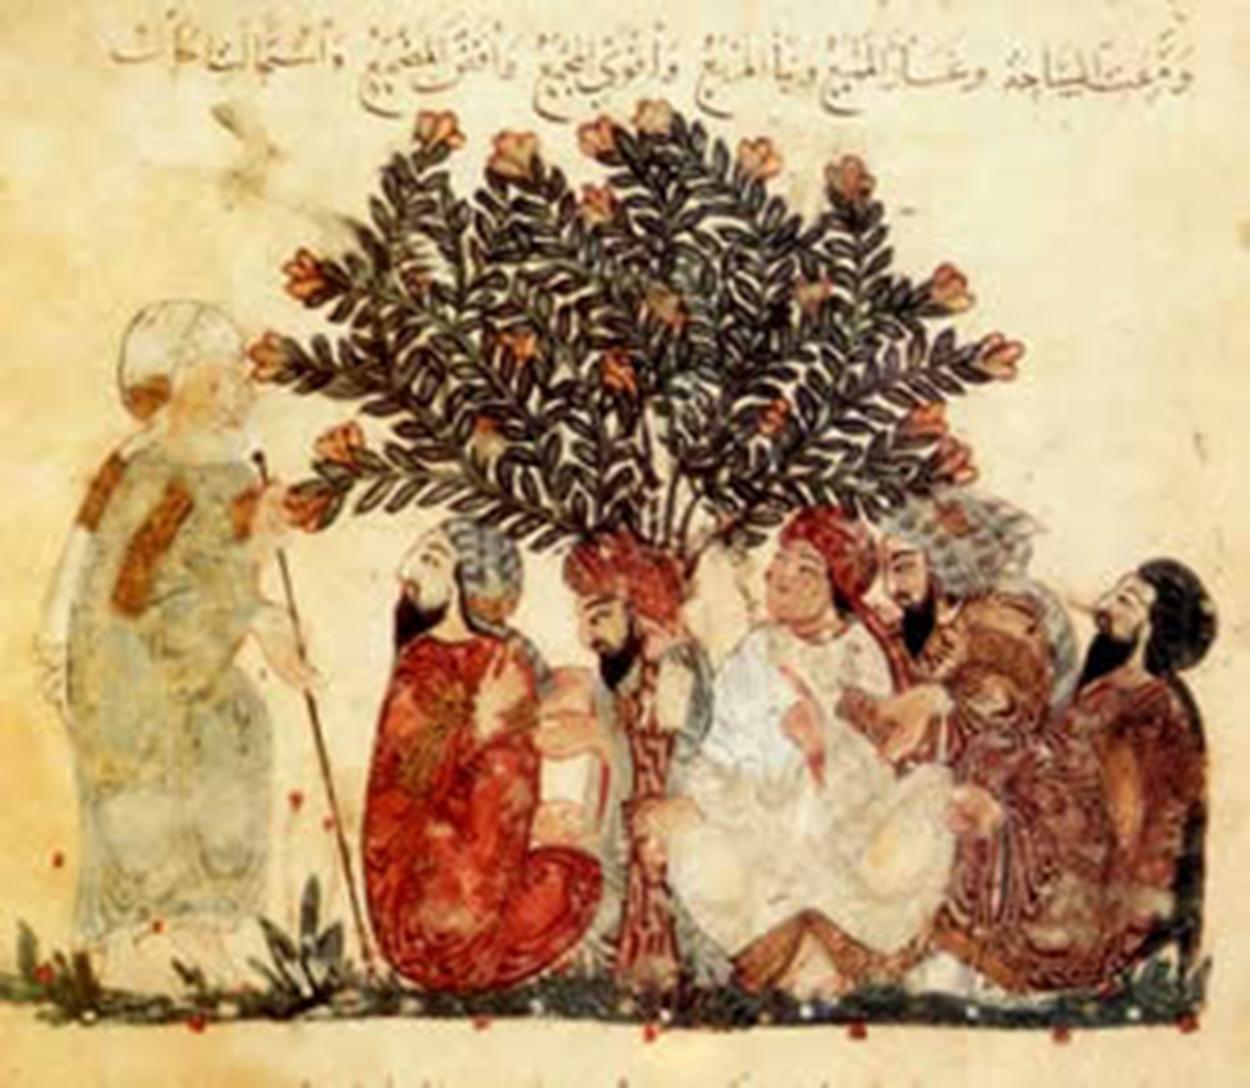 . رامشگران در زیر درخت، توجه به درختان و گیاهان در نسخ خطی مسلمانان.